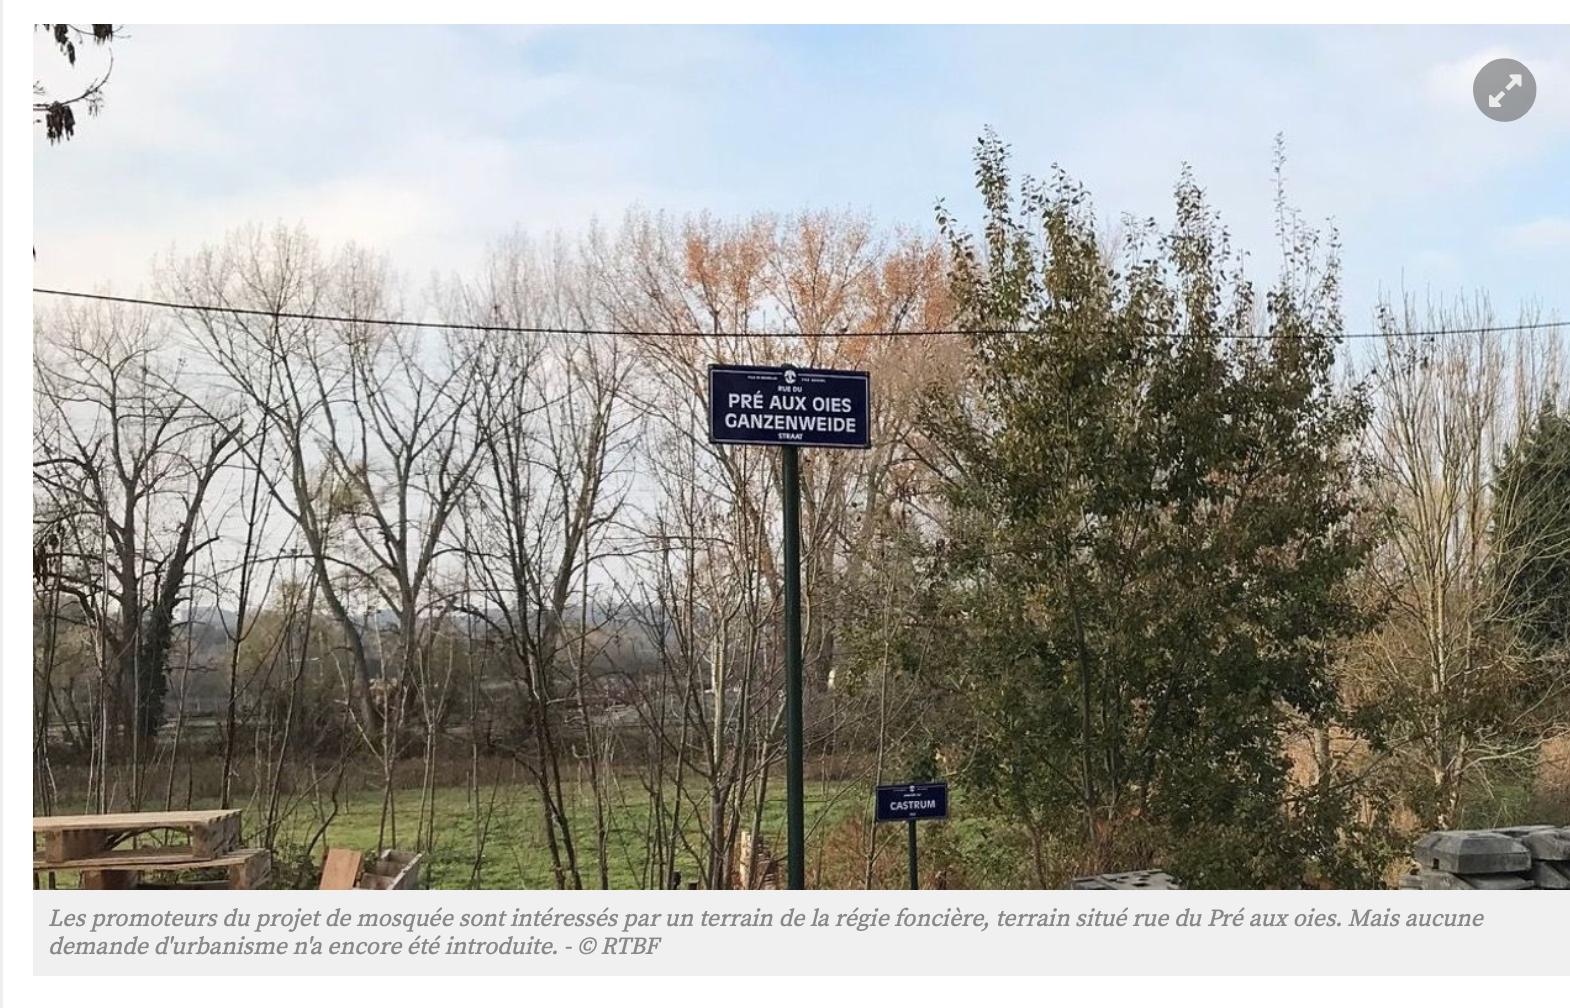 Belgique : les bosquets de Haren vont devenir une mosquée